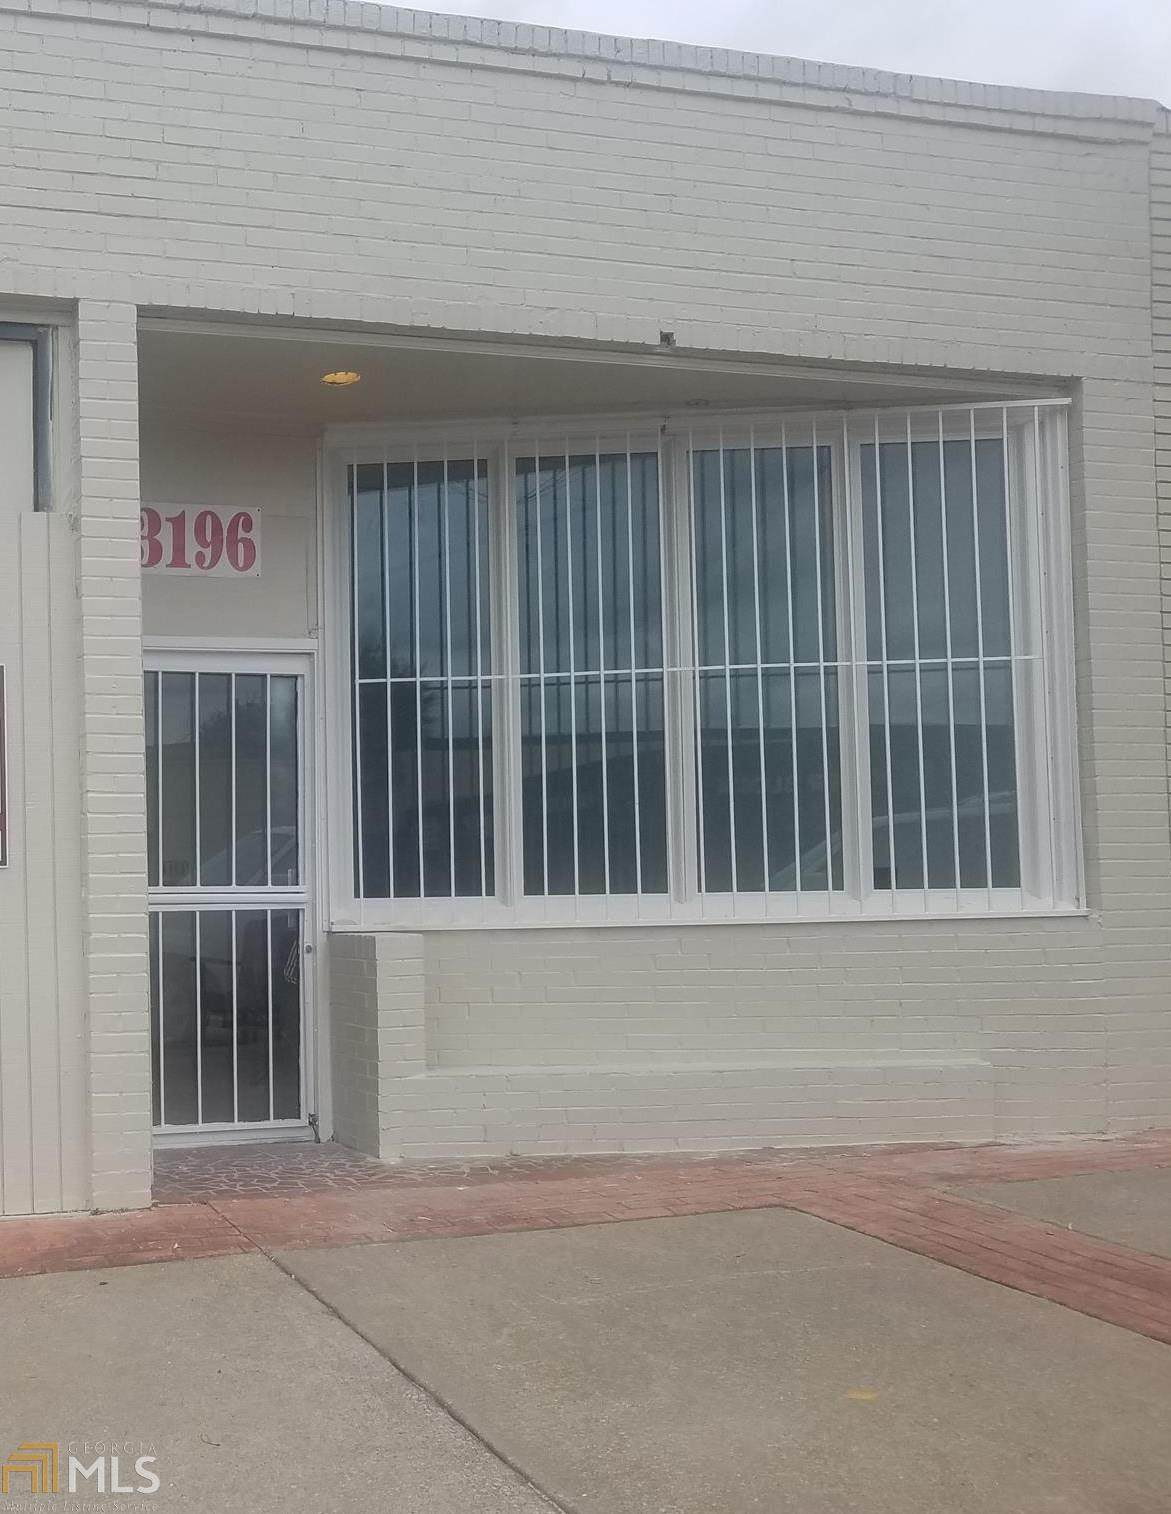 3196 Glenwood Rd - Photo 1